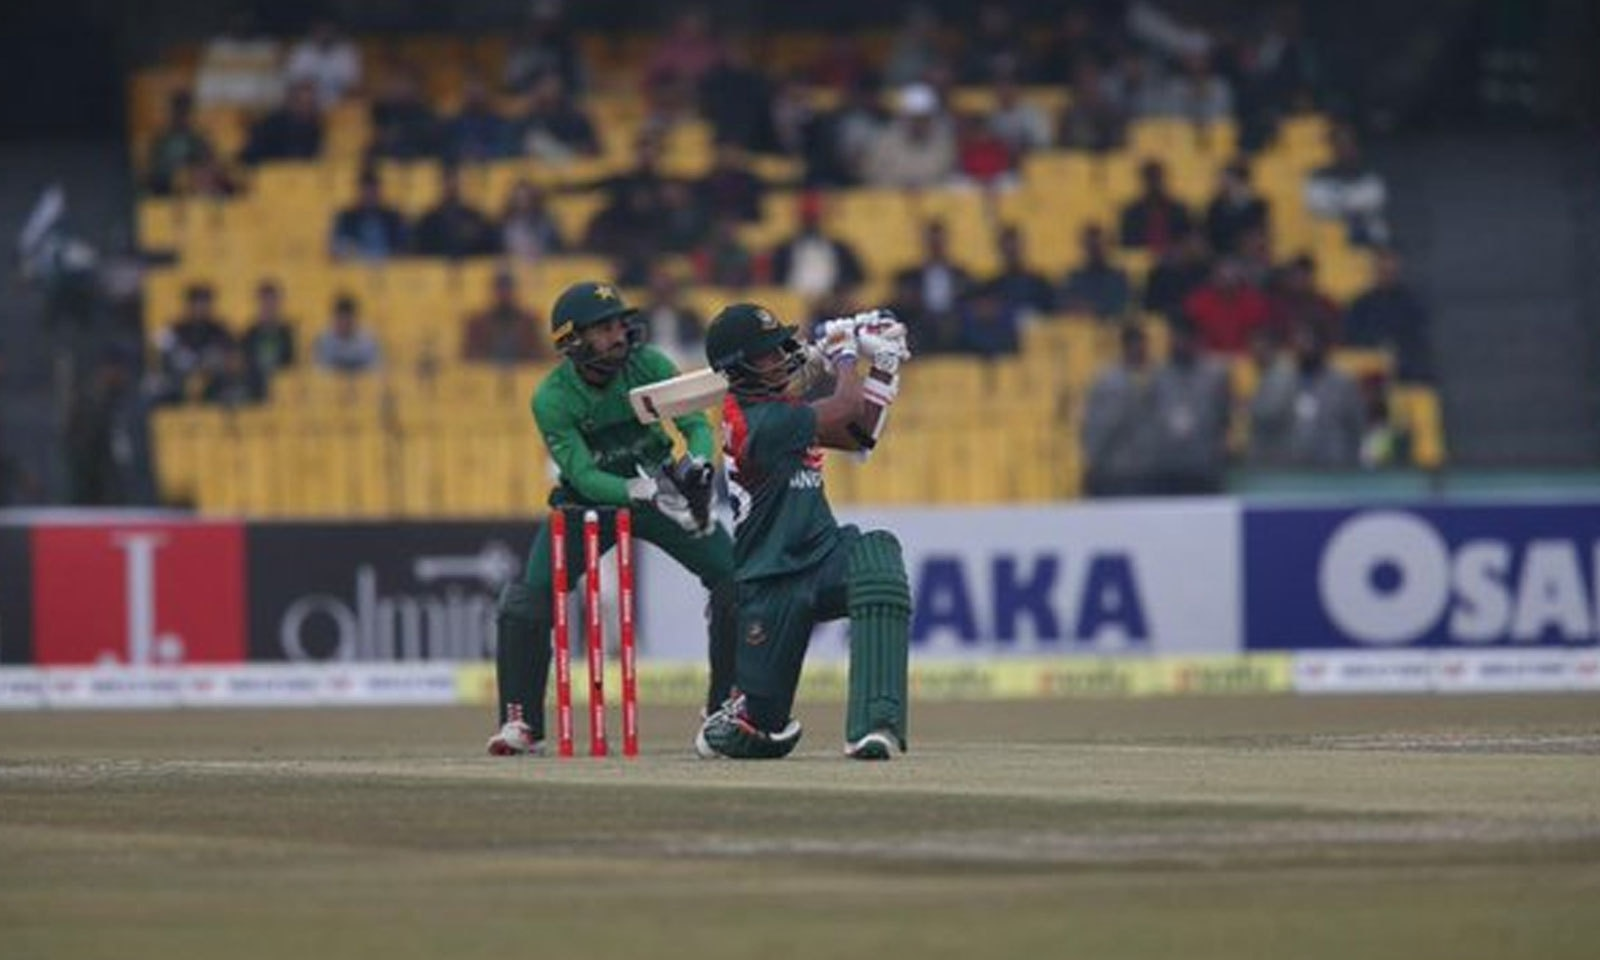 بنگلہ دیش کی ٹیم صرف 136 رنز بنا سکی—فوٹو:پی سی بی ٹویٹر